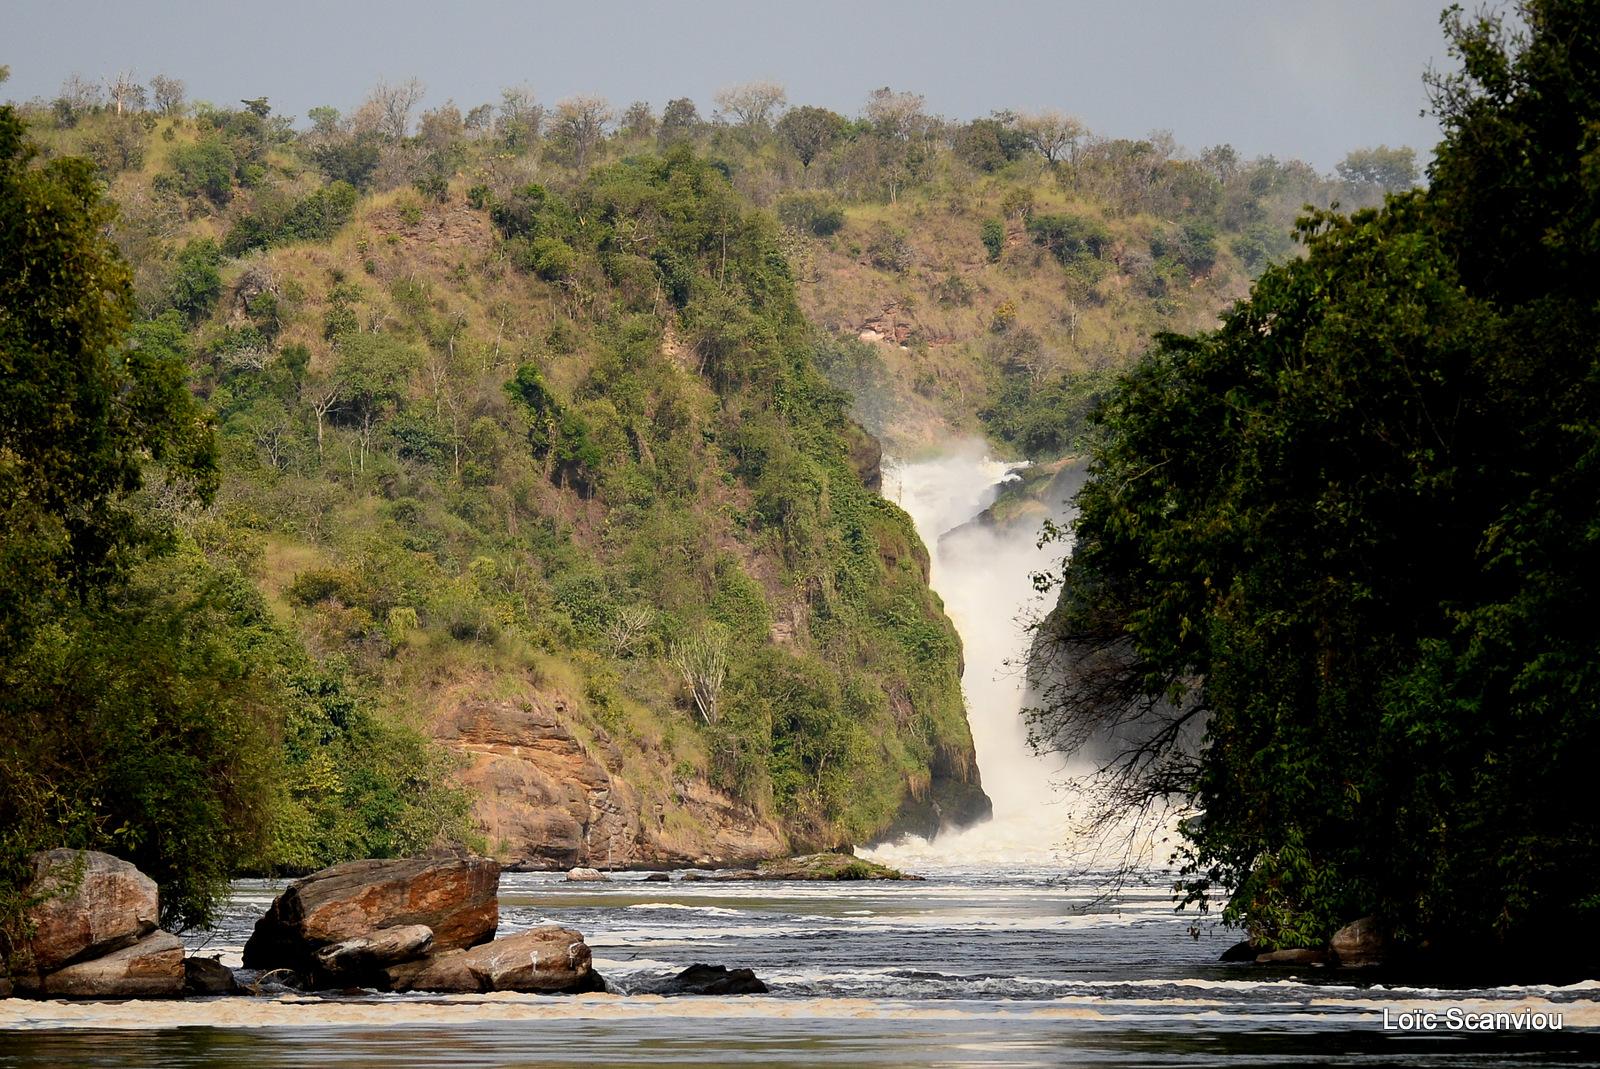 Les chutes de Murchison/Murchison Falls (11)